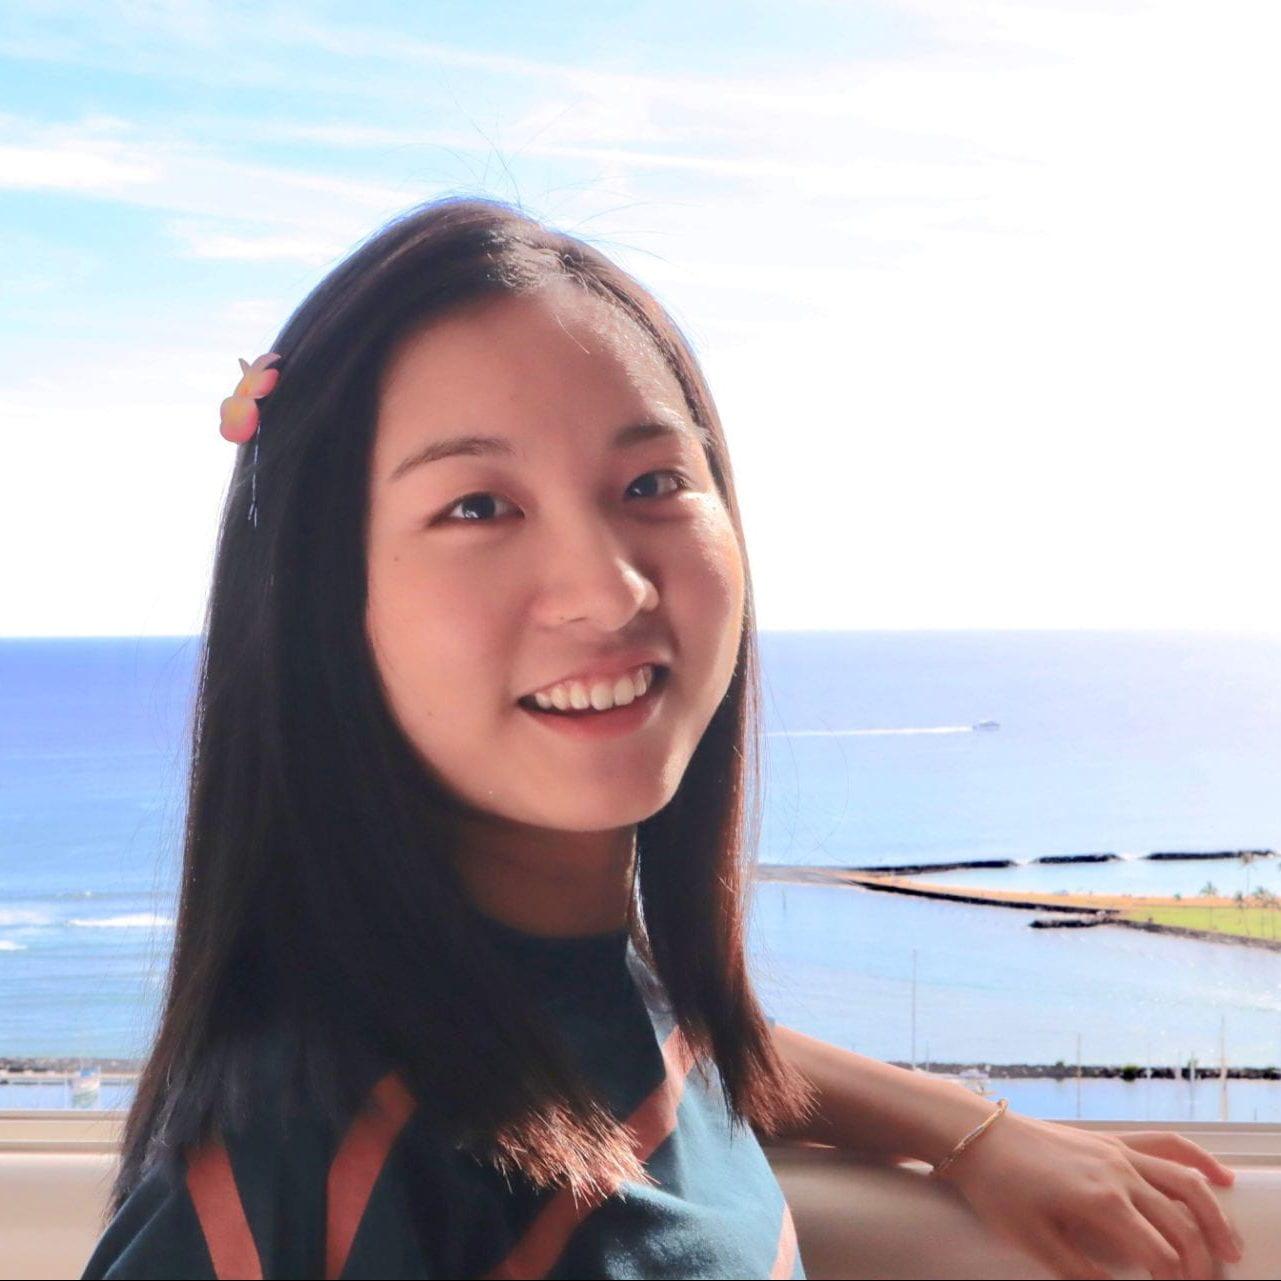 Xiaohan (Hannah) Guo